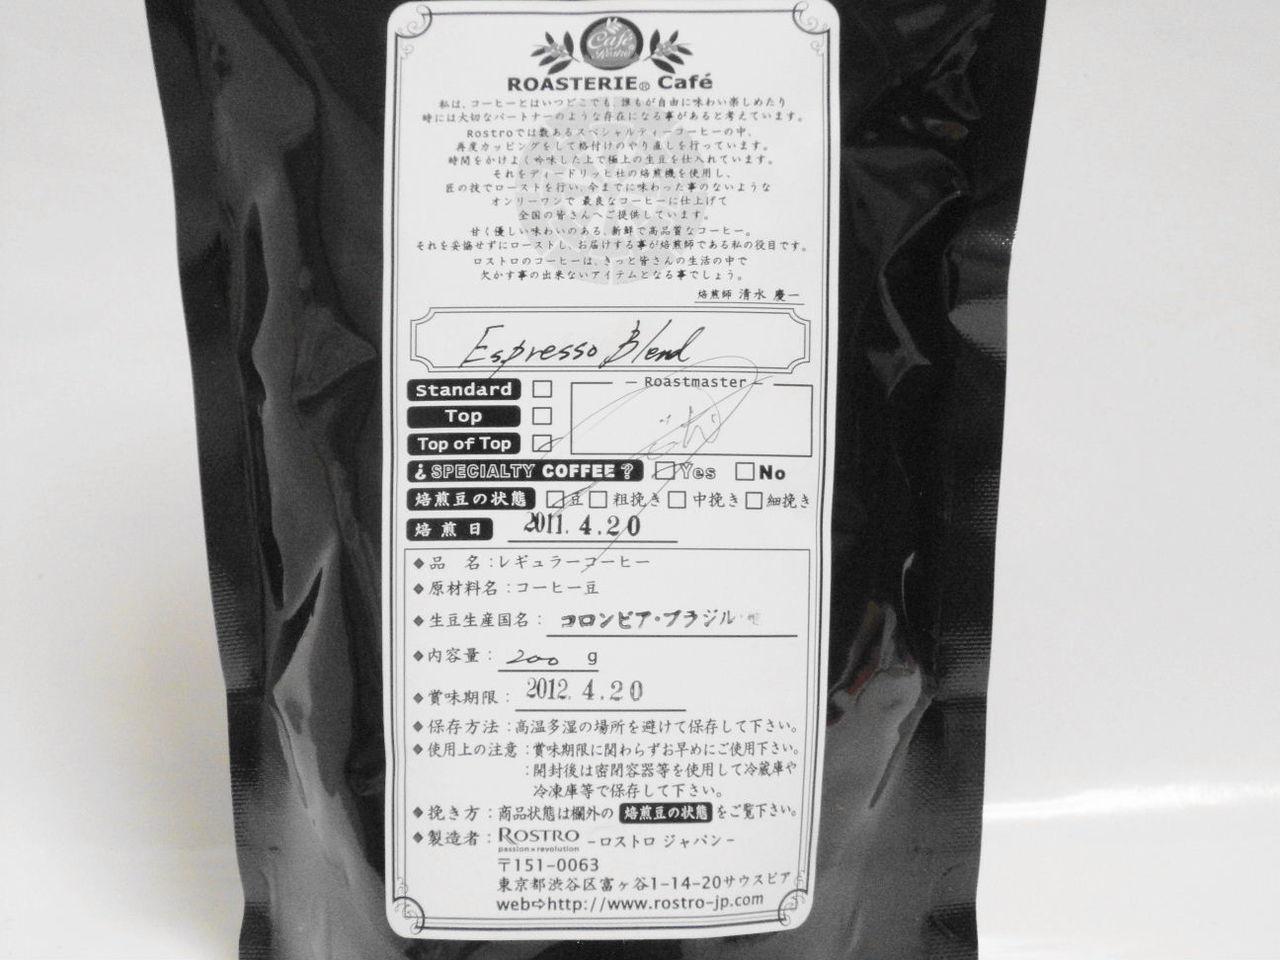 食べモノズキ コーヒー rostro japan ロストロ ジャパン